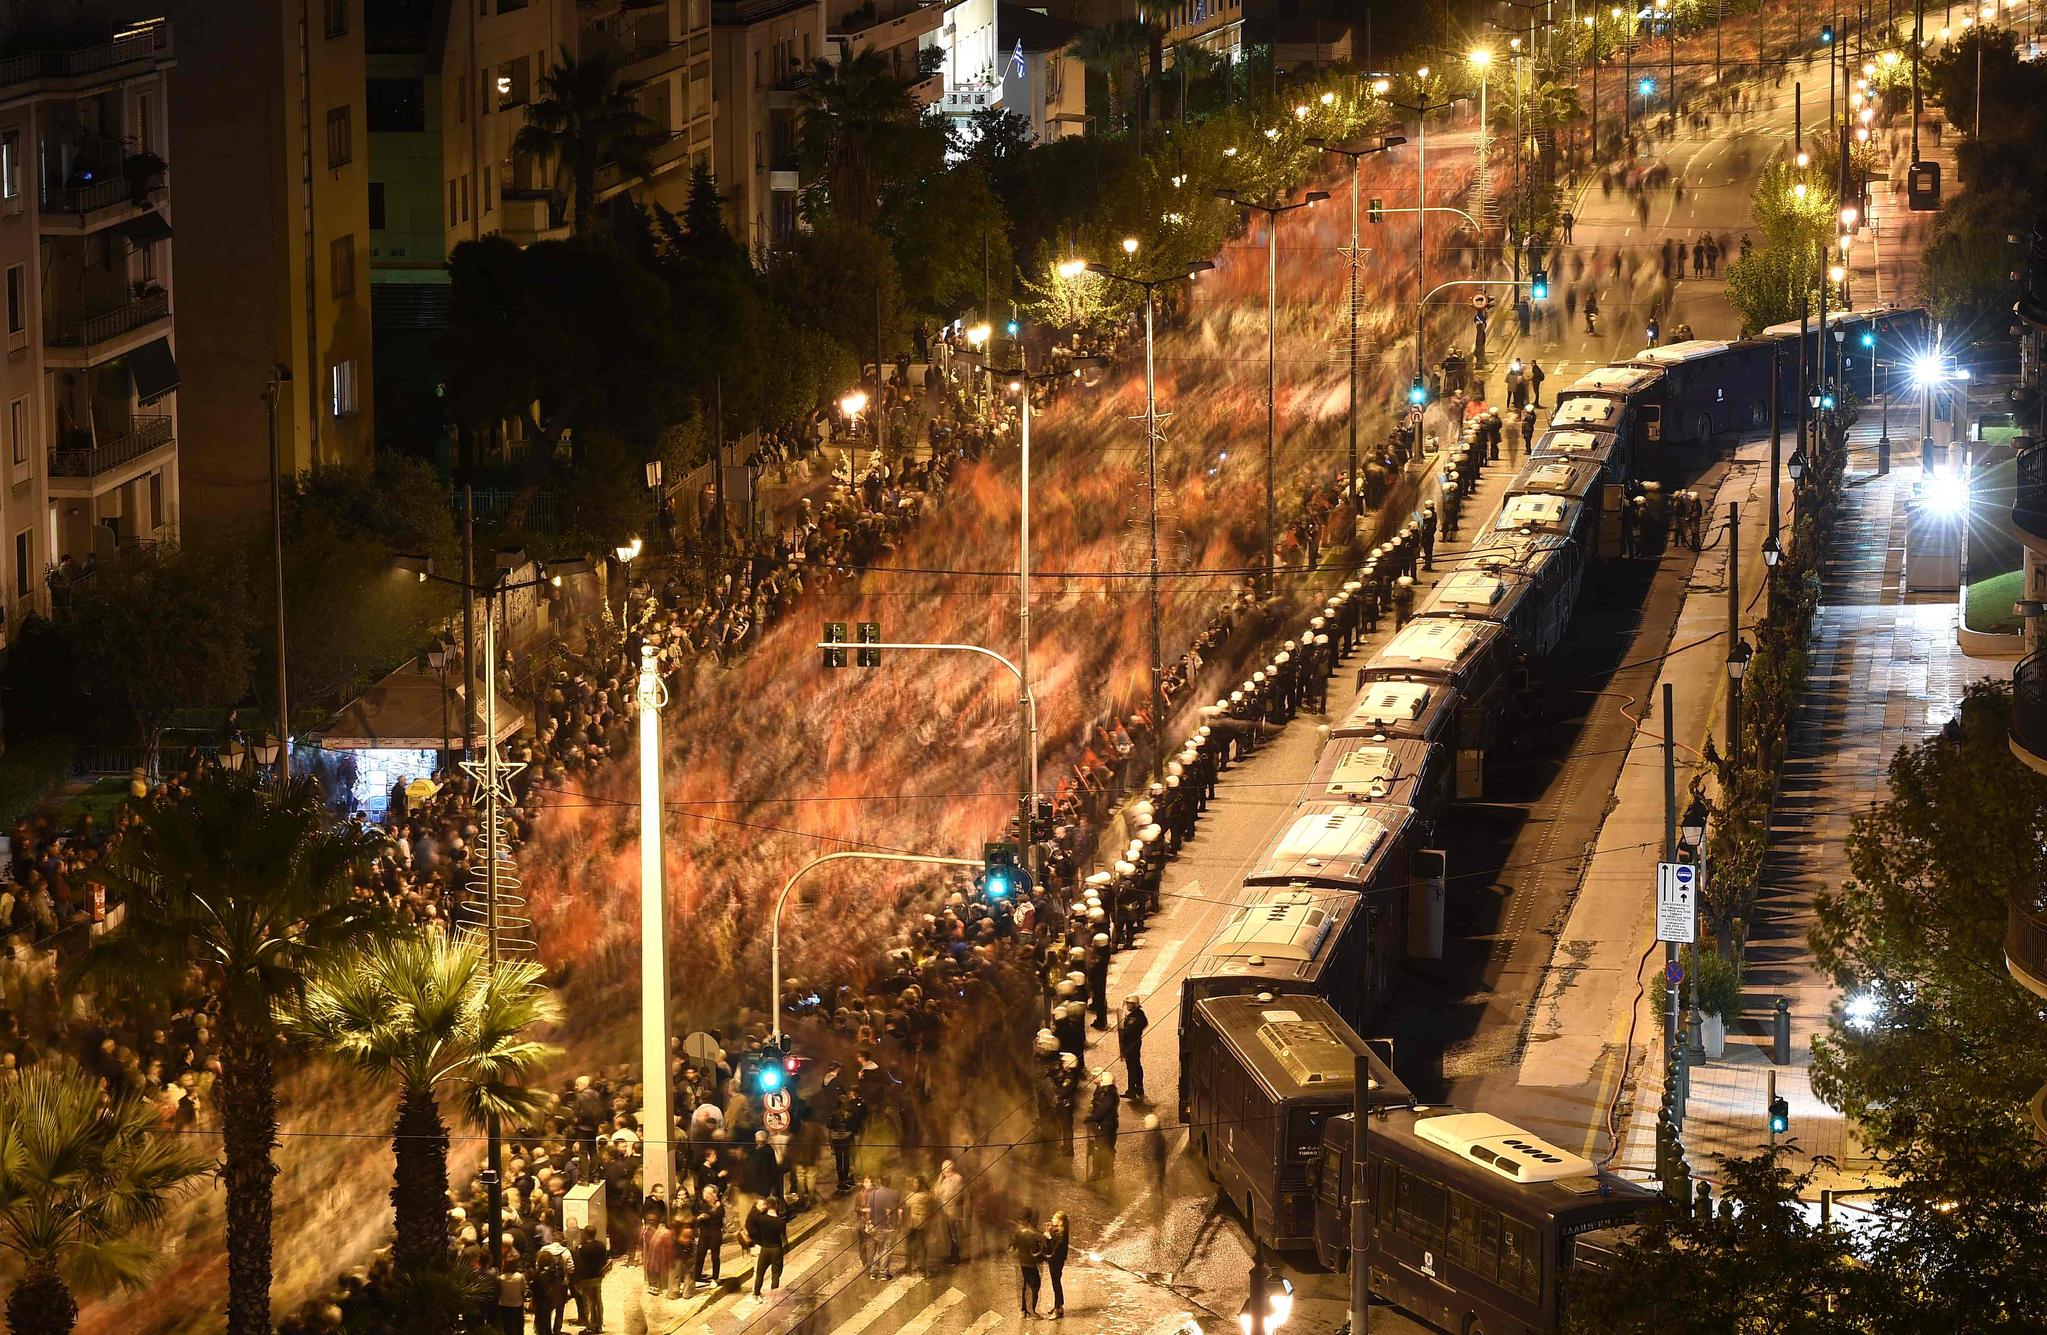 17일(현지시간) 그리스 아테네에서 1973년 군사 독재정권에 항거했던 학생봉기 46주년을 기념하는 연례 대규모 시위가 열렸다. 이날 시위에 참석한 시민들이 경찰 차벽과 병력 옆으로 행진하고 있다. [AFP=연합뉴스]